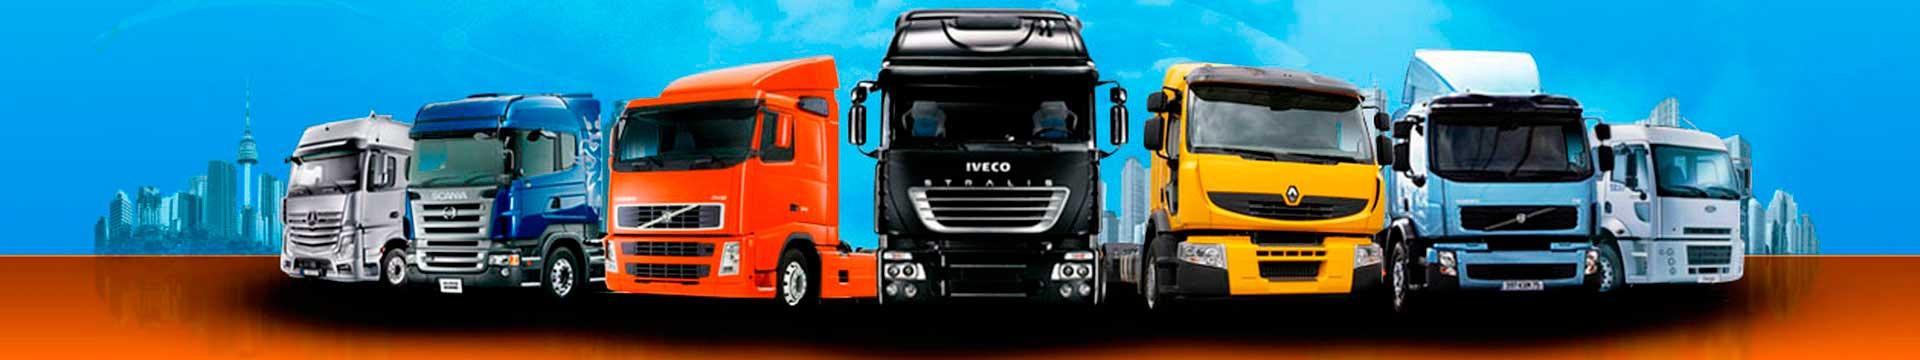 Модельный ряд грузовых автомобилей